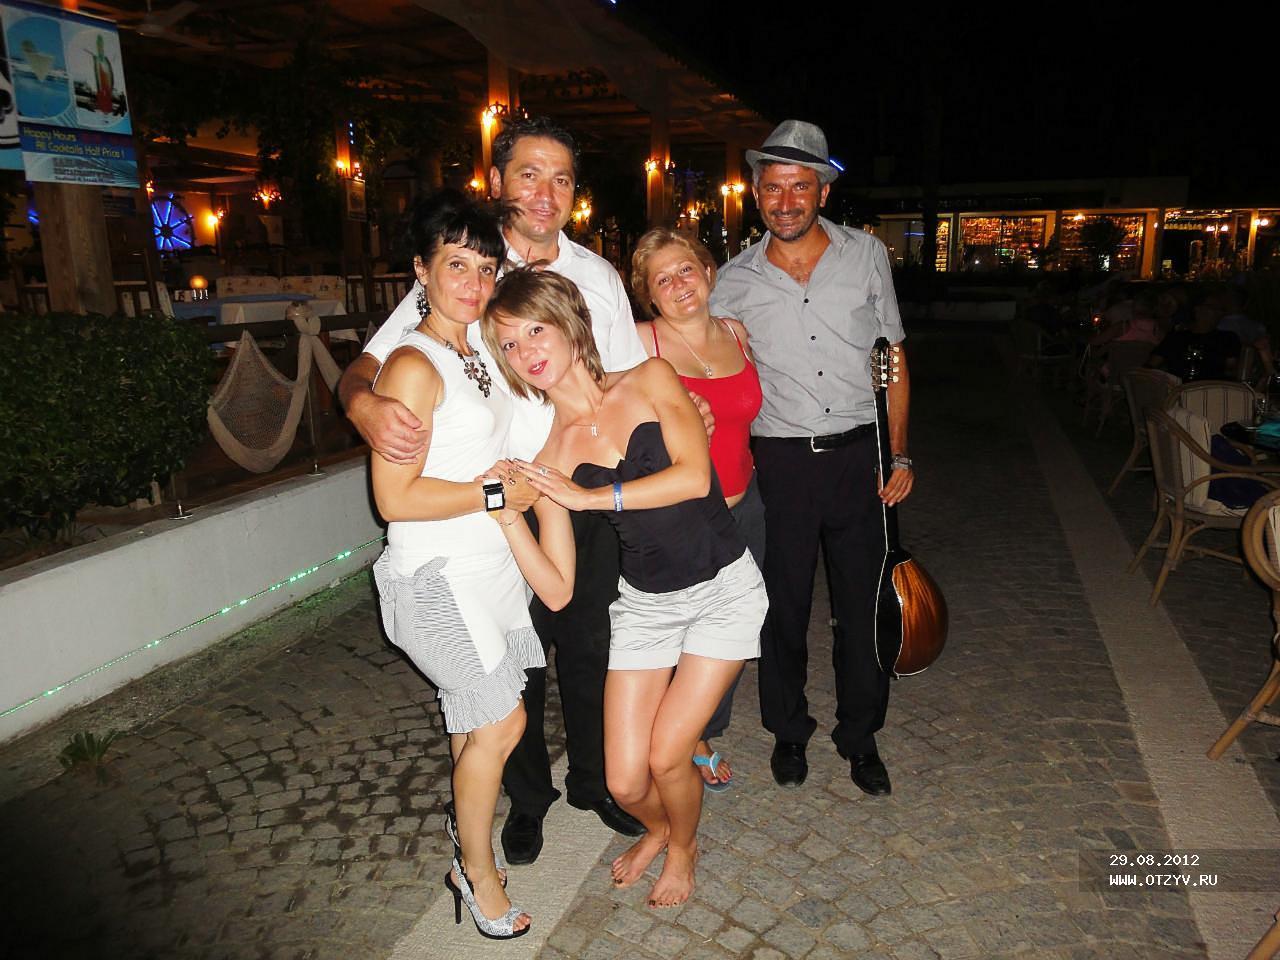 Шведская семья фото 9 фотография